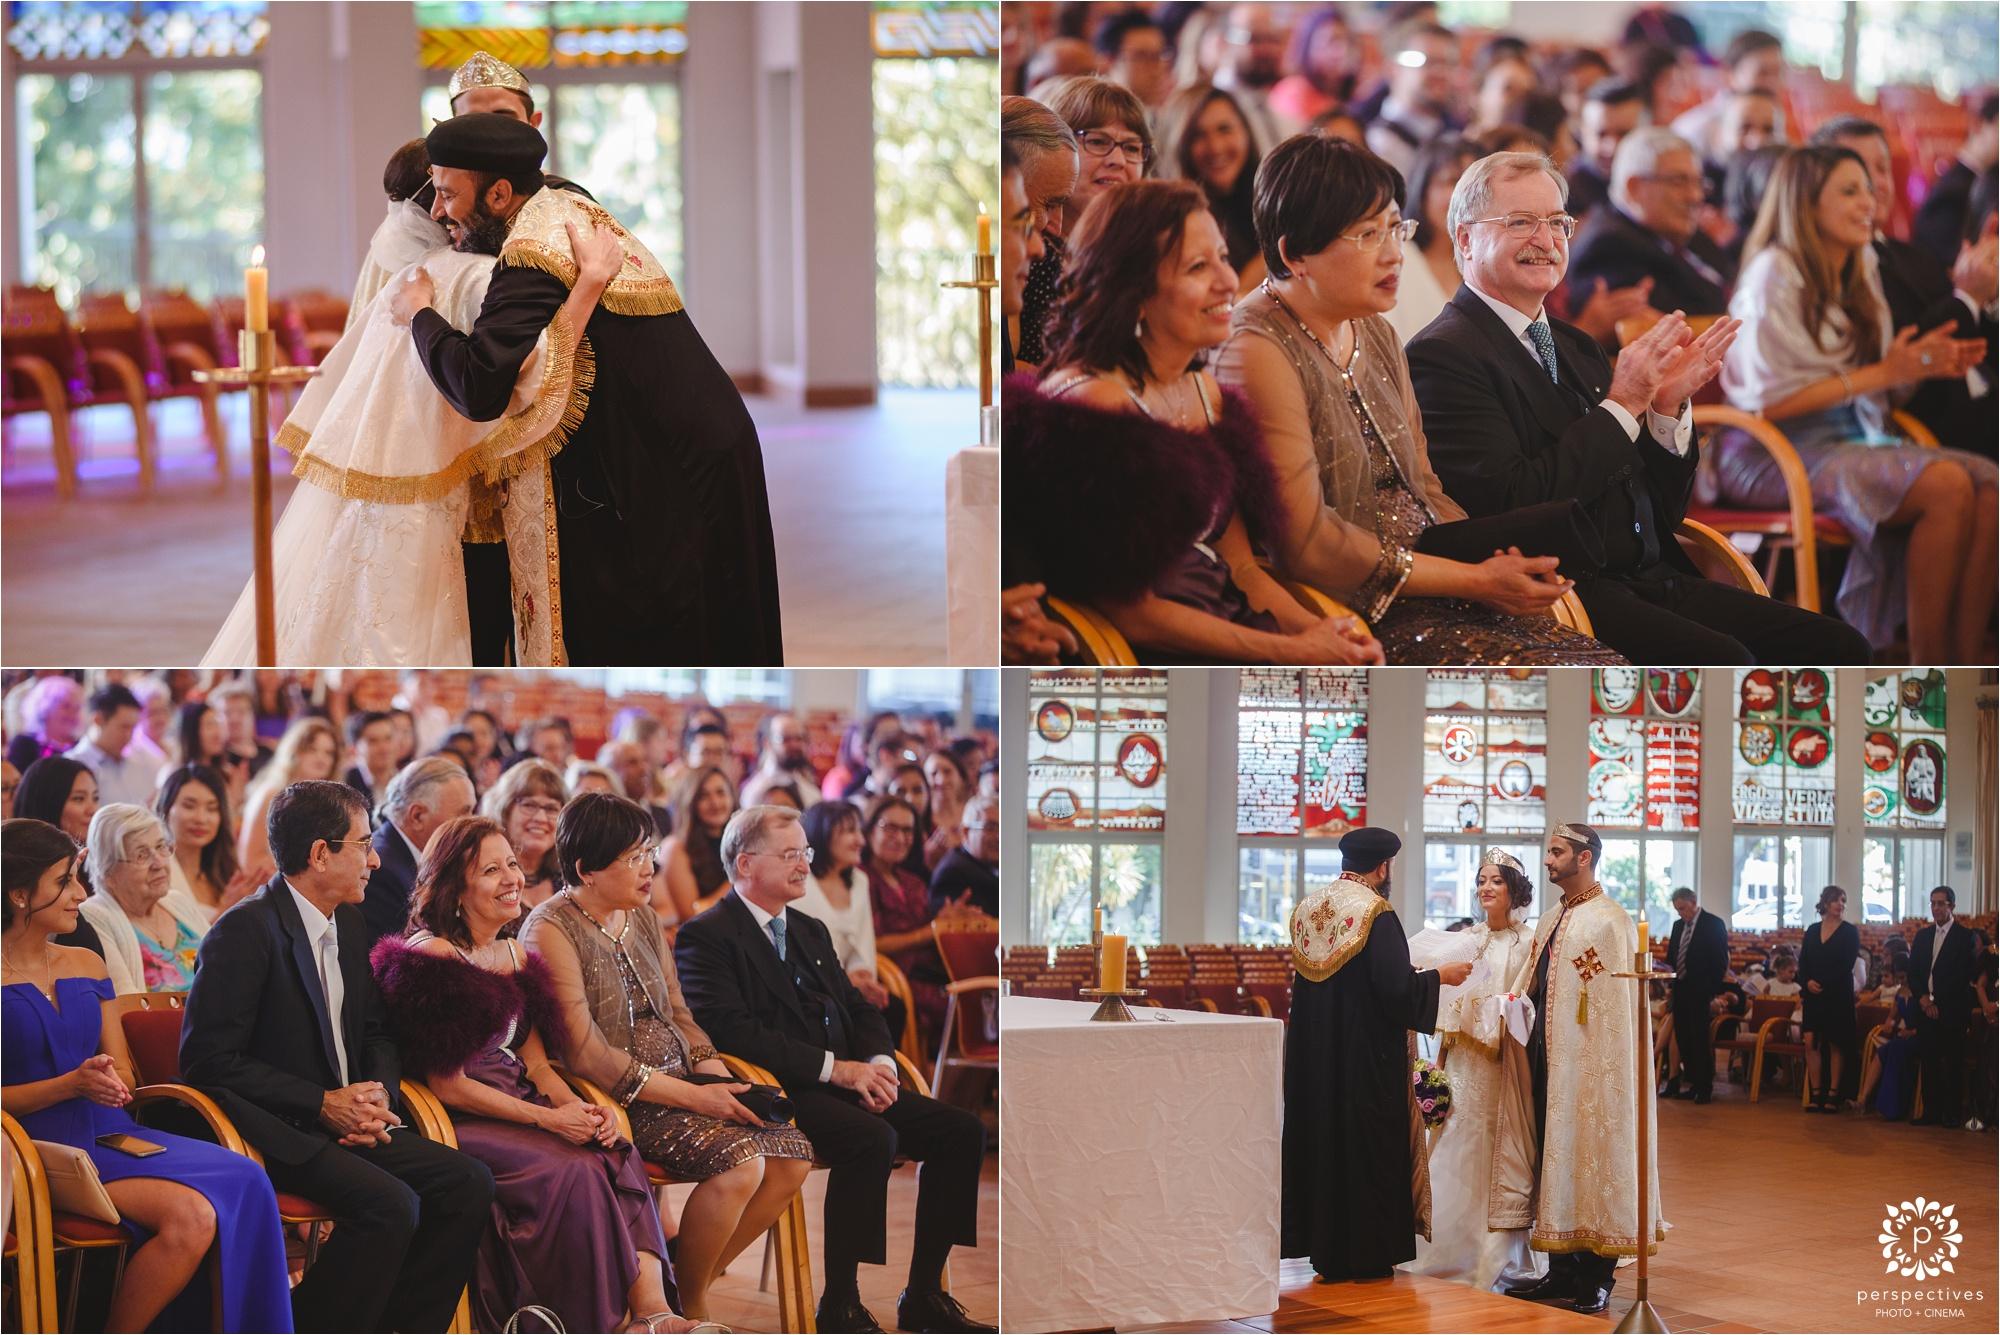 coptic wedding auckland